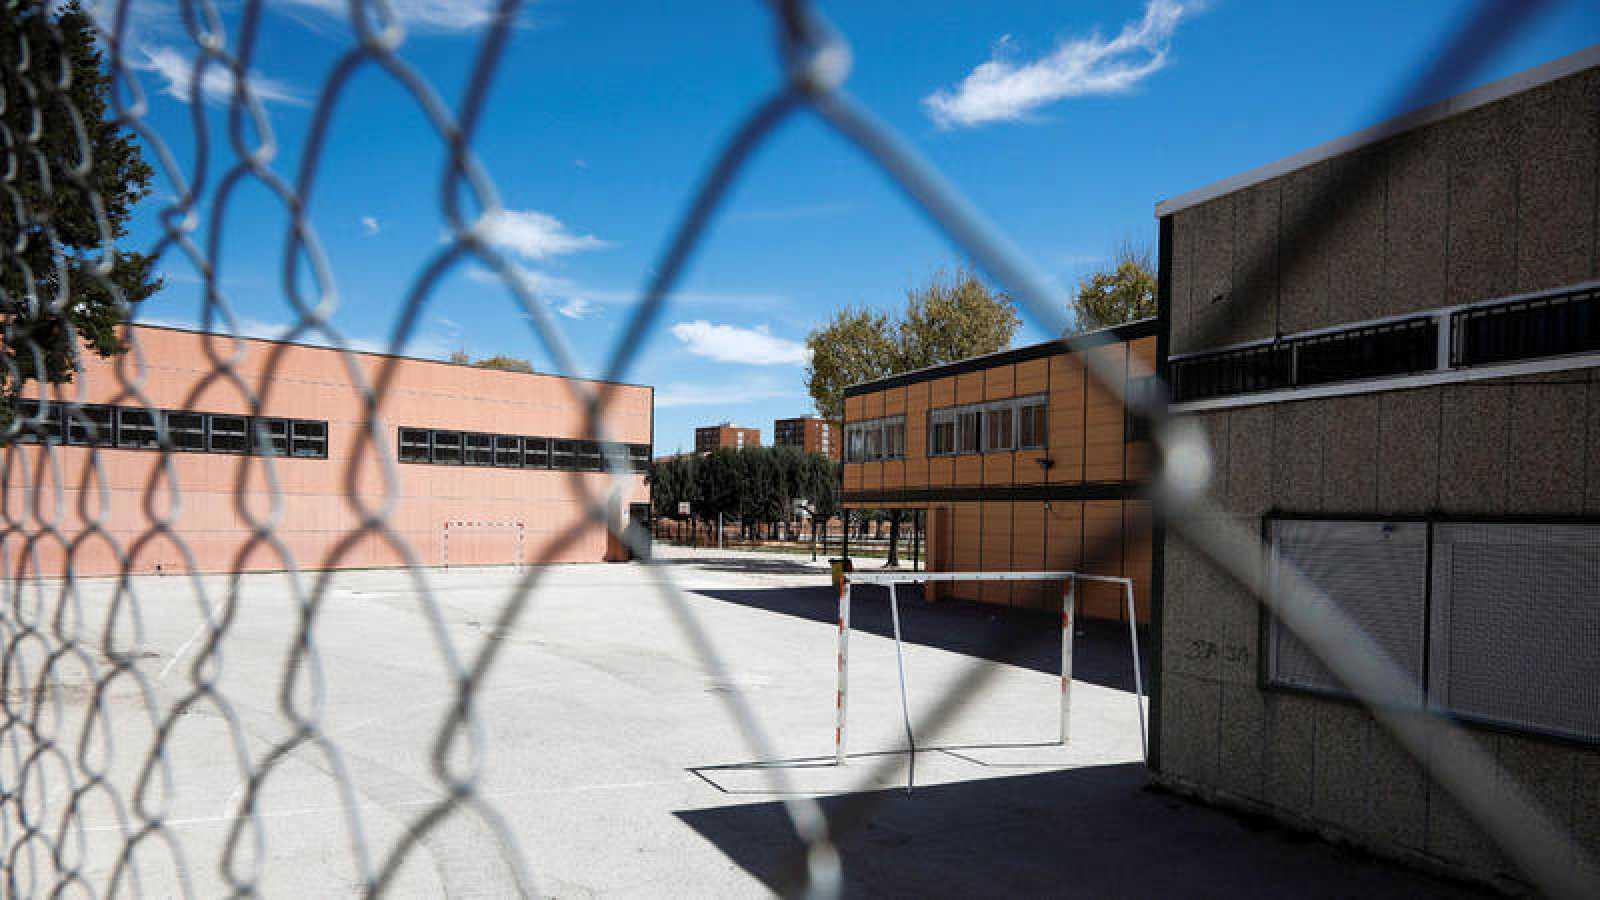 Instituto Ciudad de Jaén donde estaba matriculada una menor que se suicidó por acoso escolar en 2015